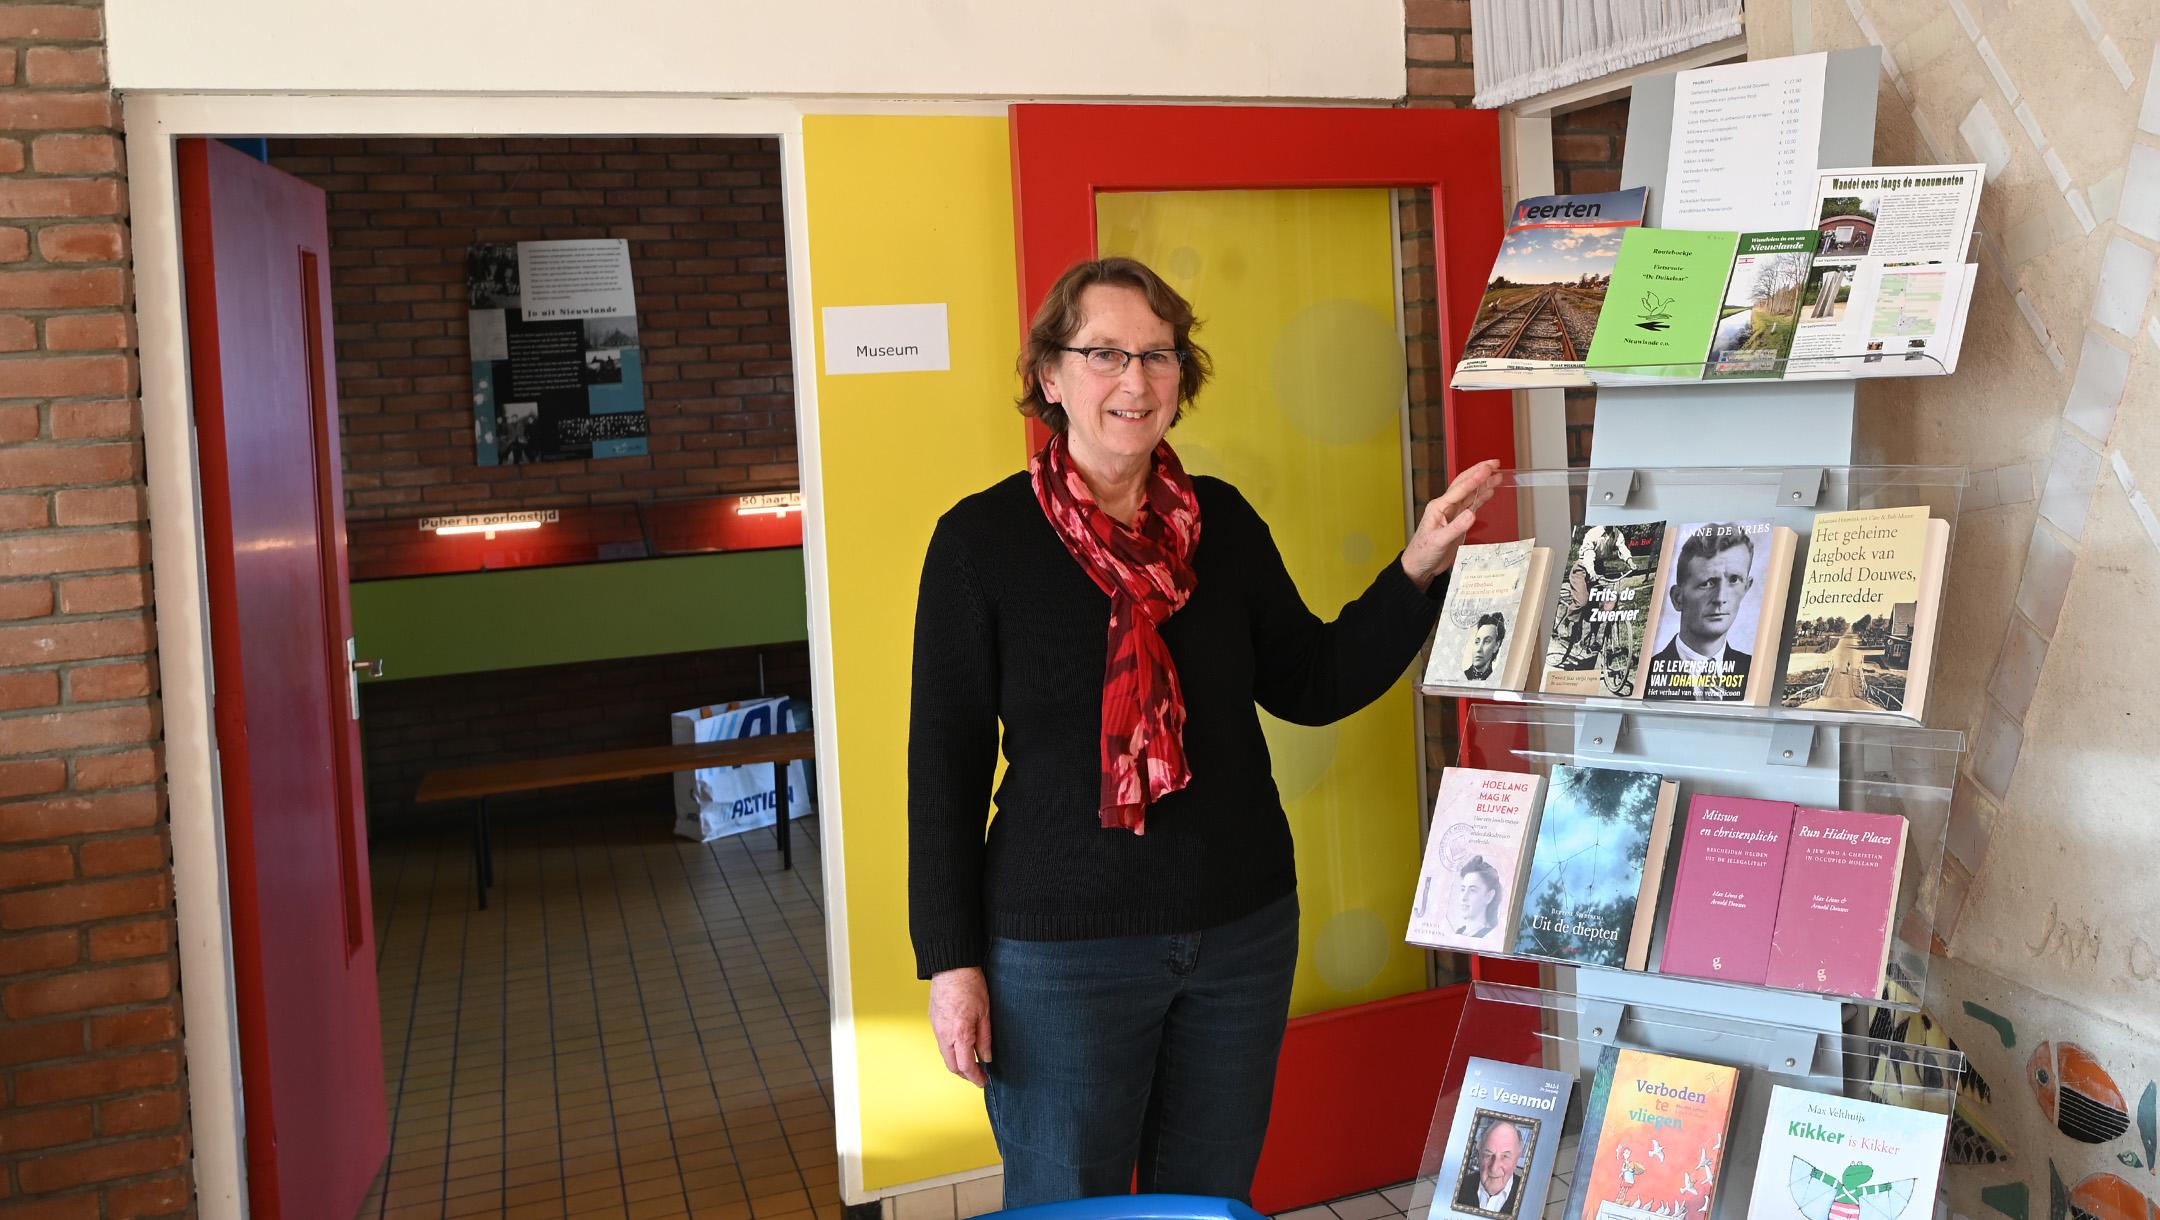 Hanneke Rozema greets visitors at the De Duikelaar museum in Nieuwlande, the Netherlands on Jan. 25, 2021. (Cnaan Liphshiz)